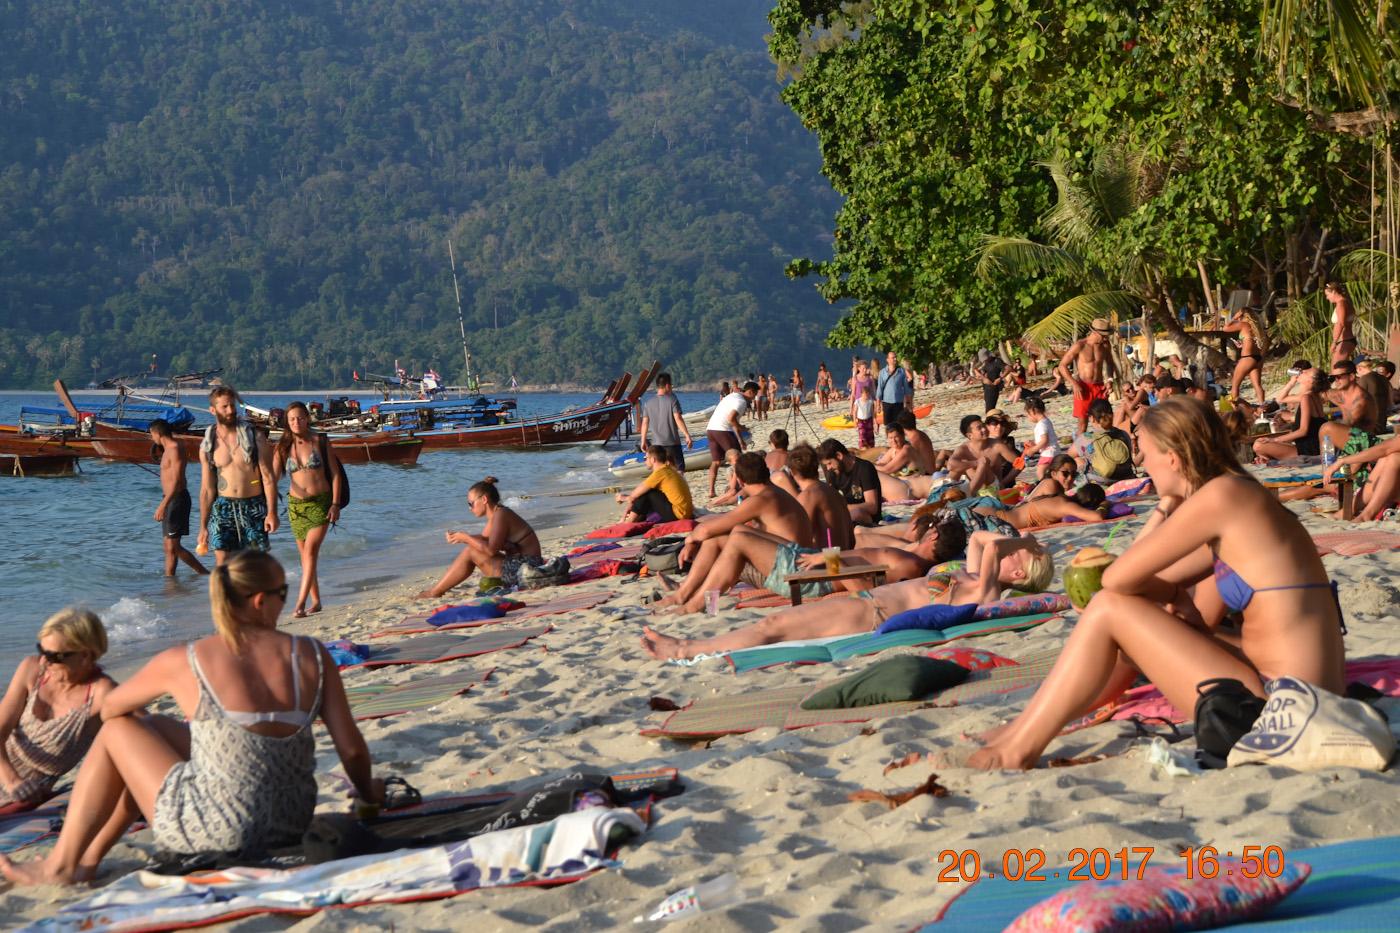 Фото 13. Отдыхающие на пляже Сансет-бич острова Ко-Липе. Отзывы туристов о поездке в Таиланд самостоятельно. 1/200, 7.1, 100, 55.